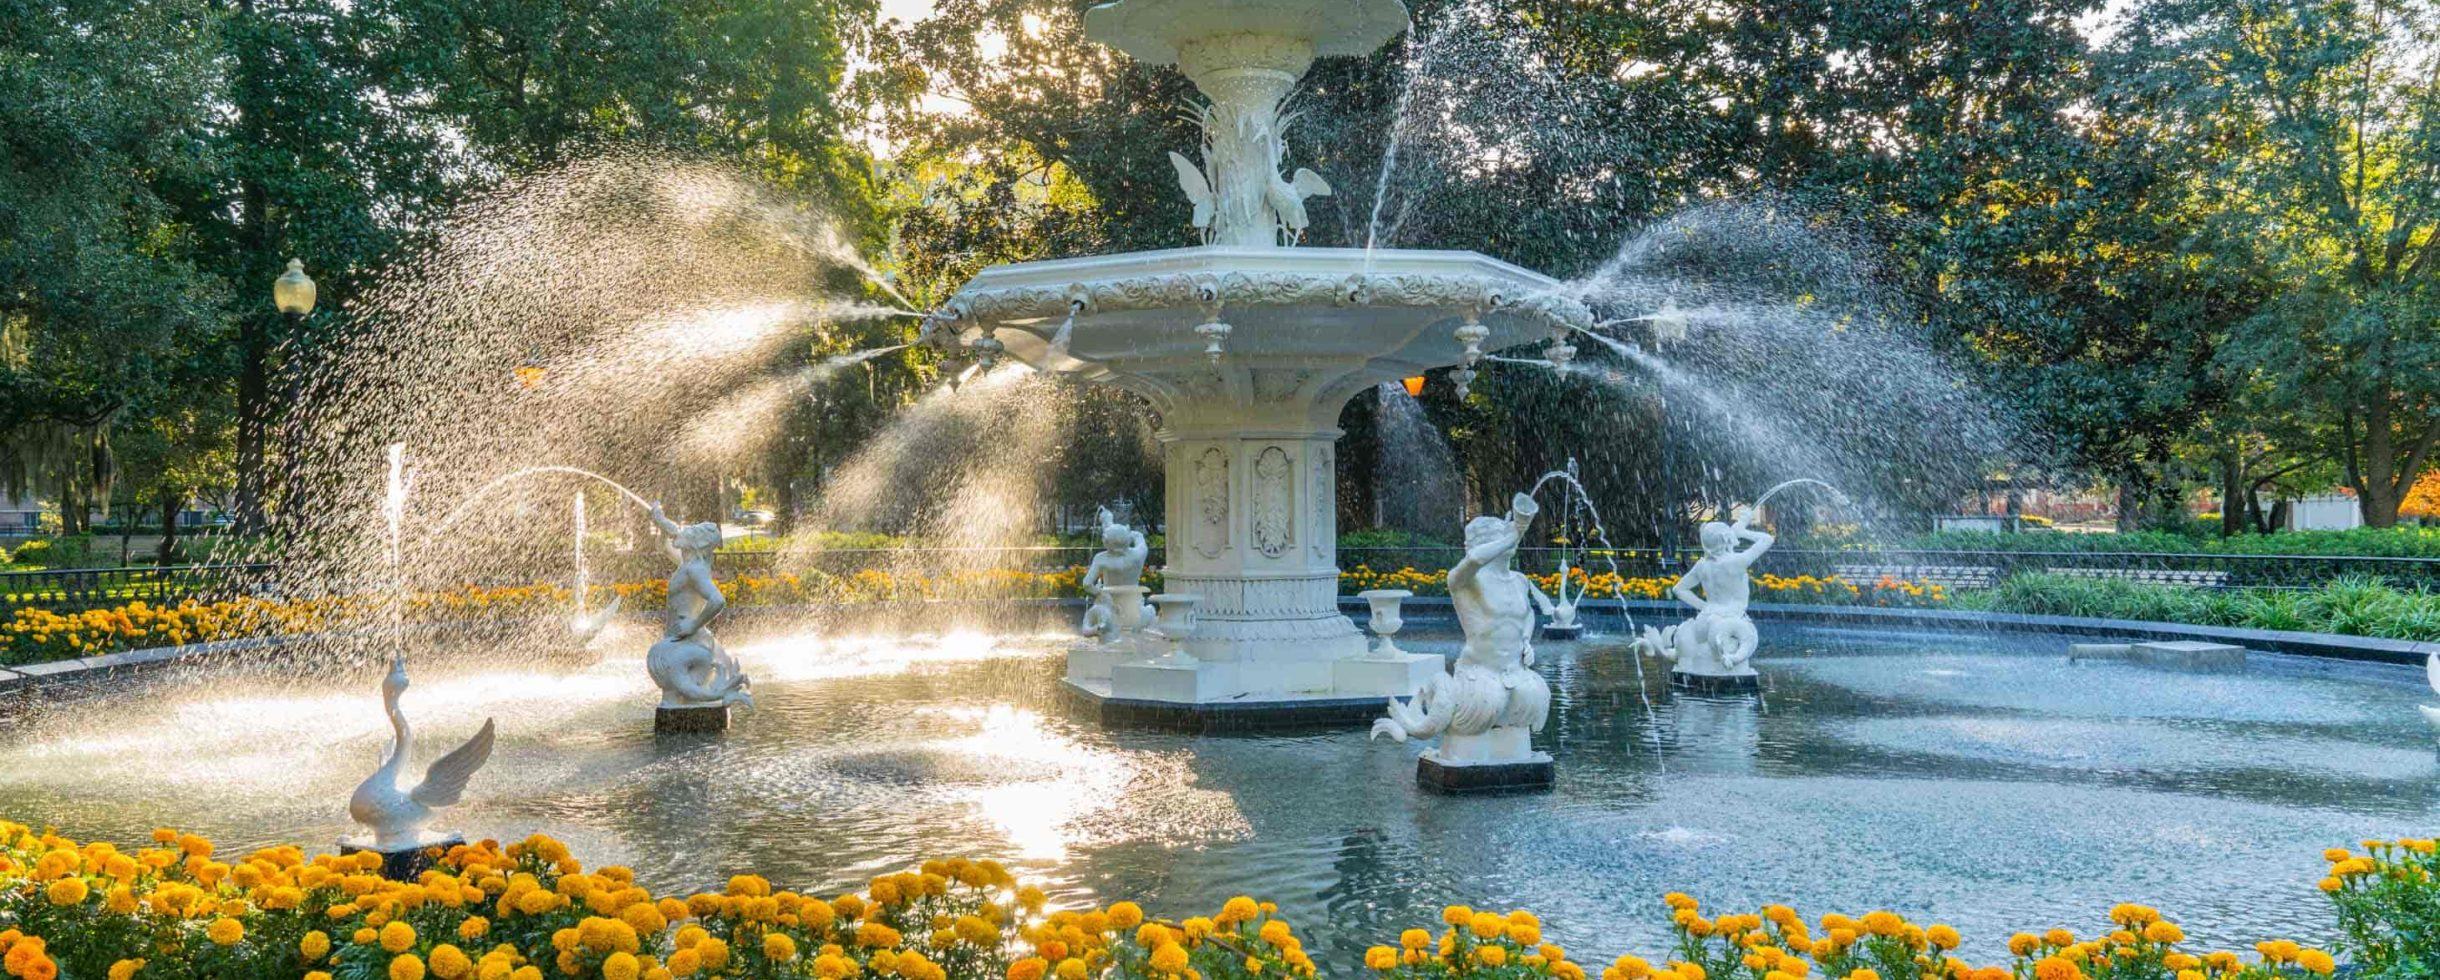 Fountain near our B&B in Savannah, GA